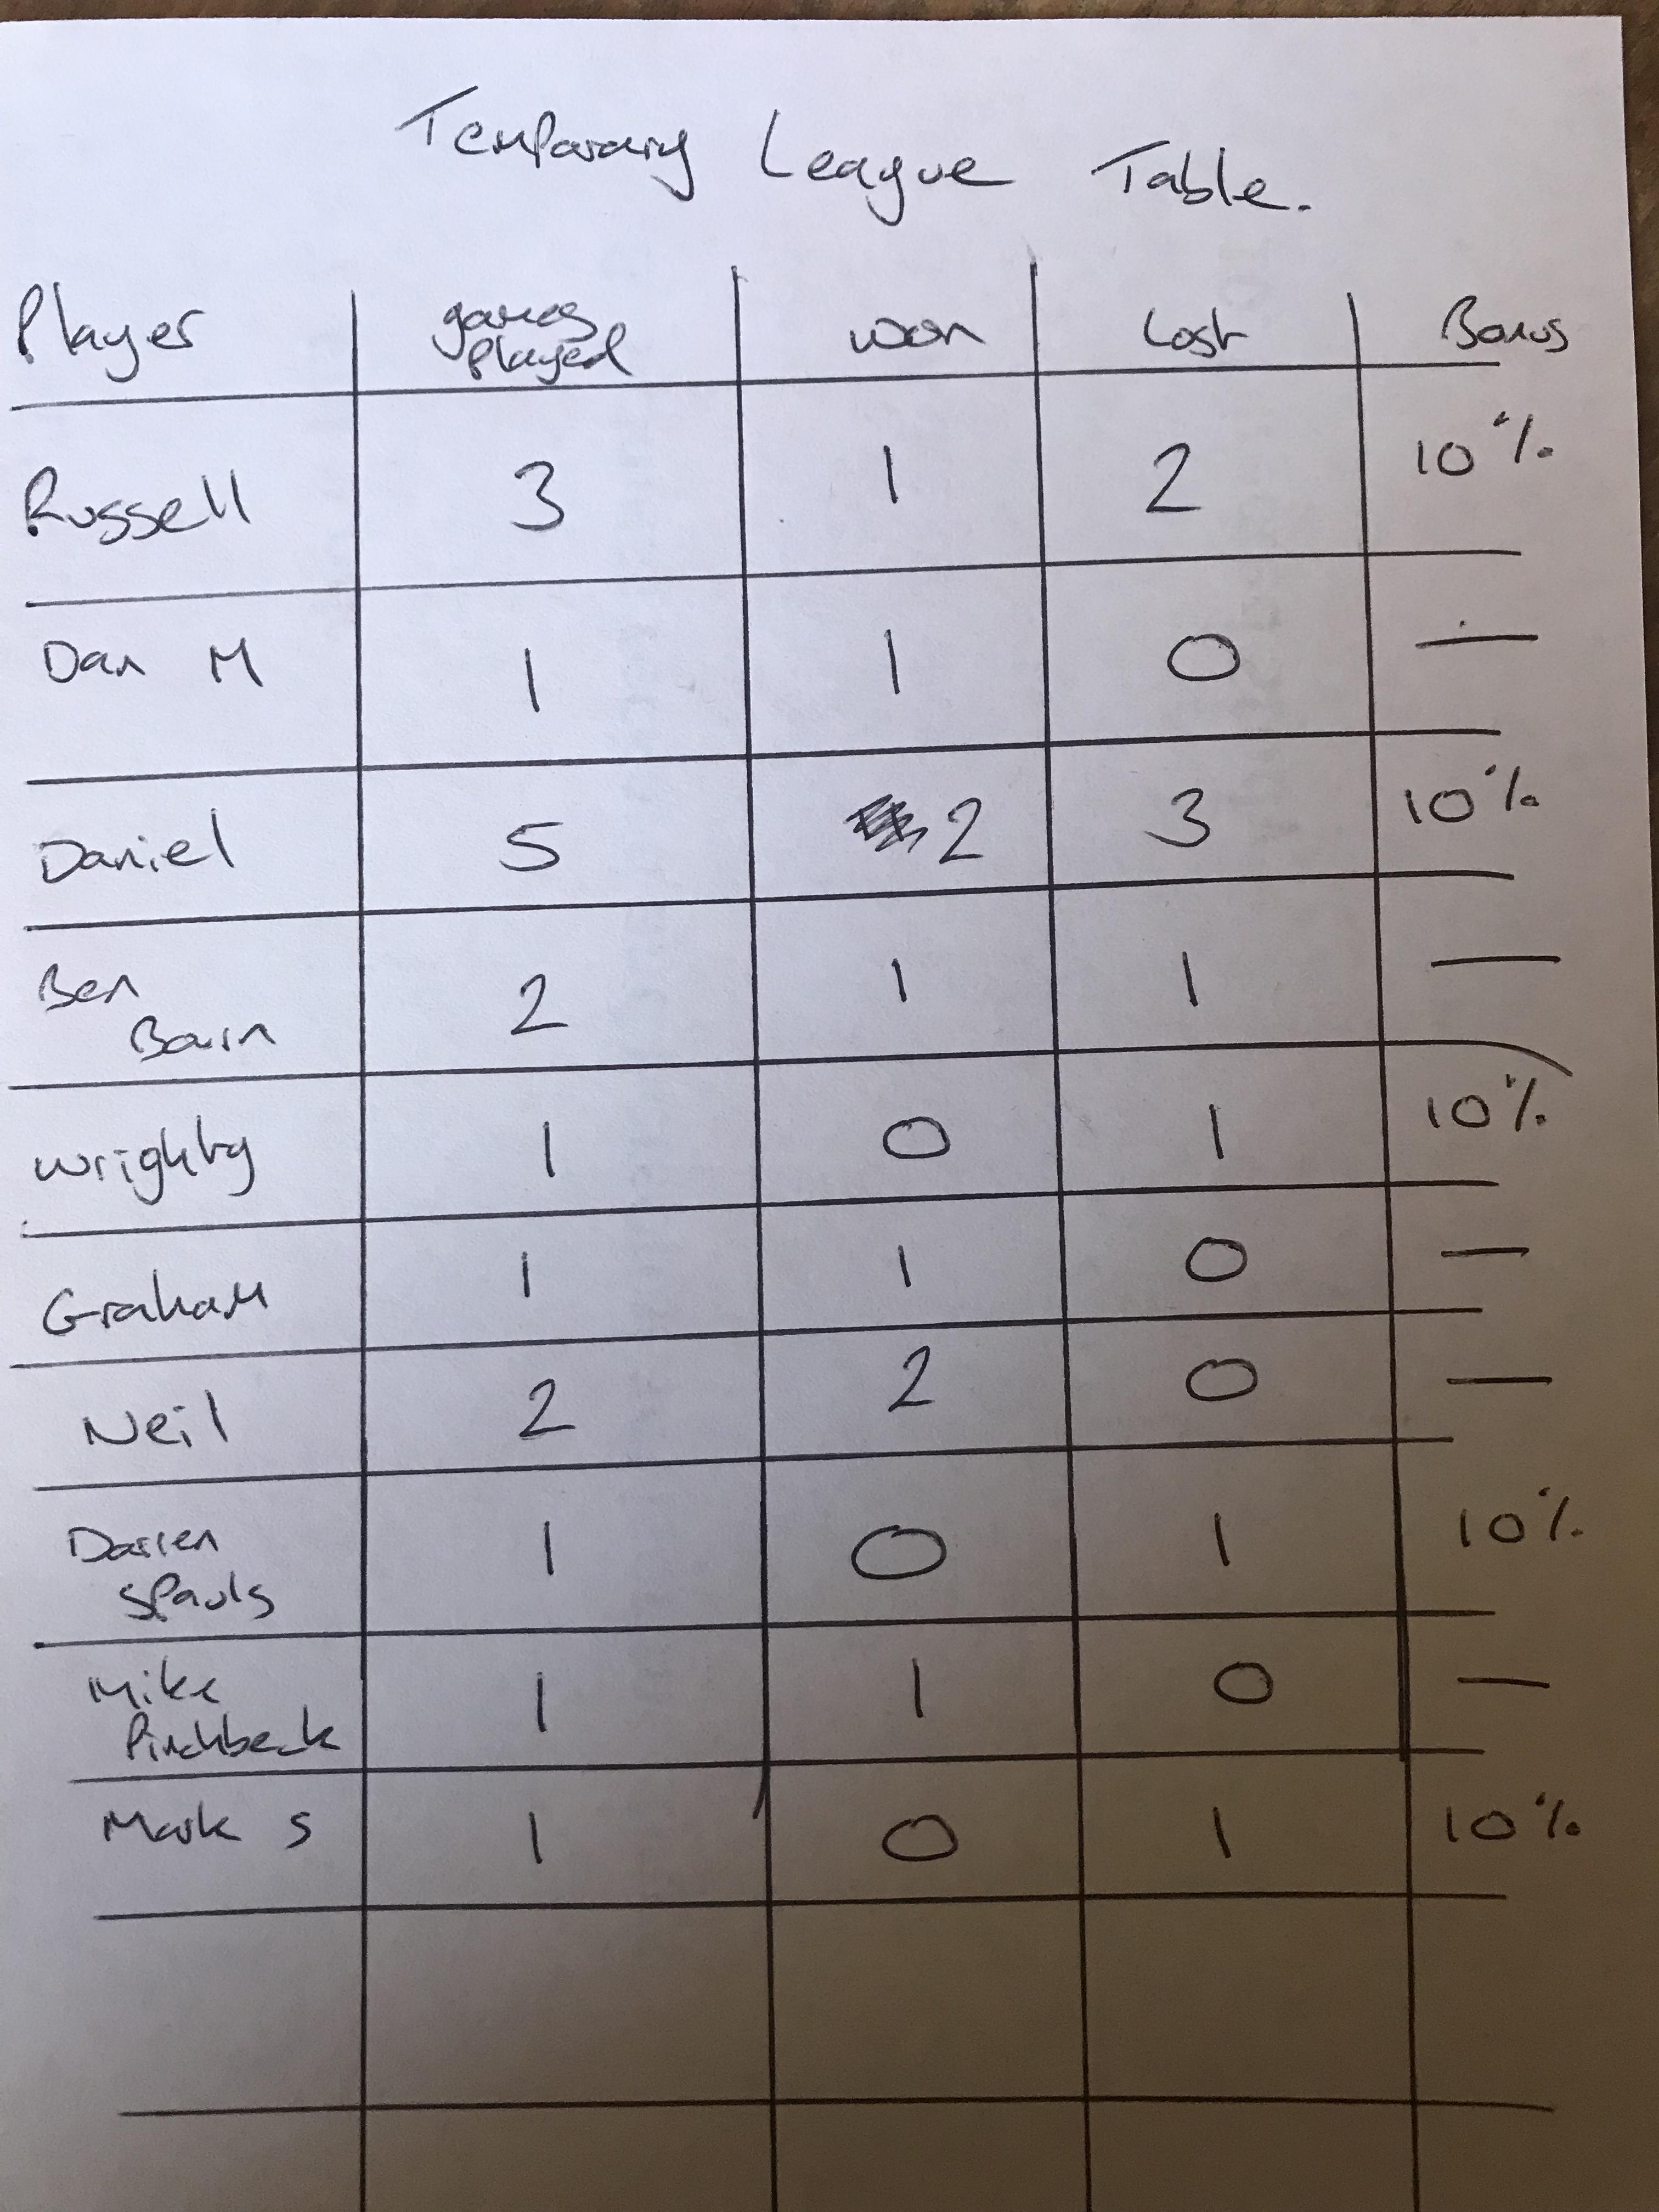 Temporary league table